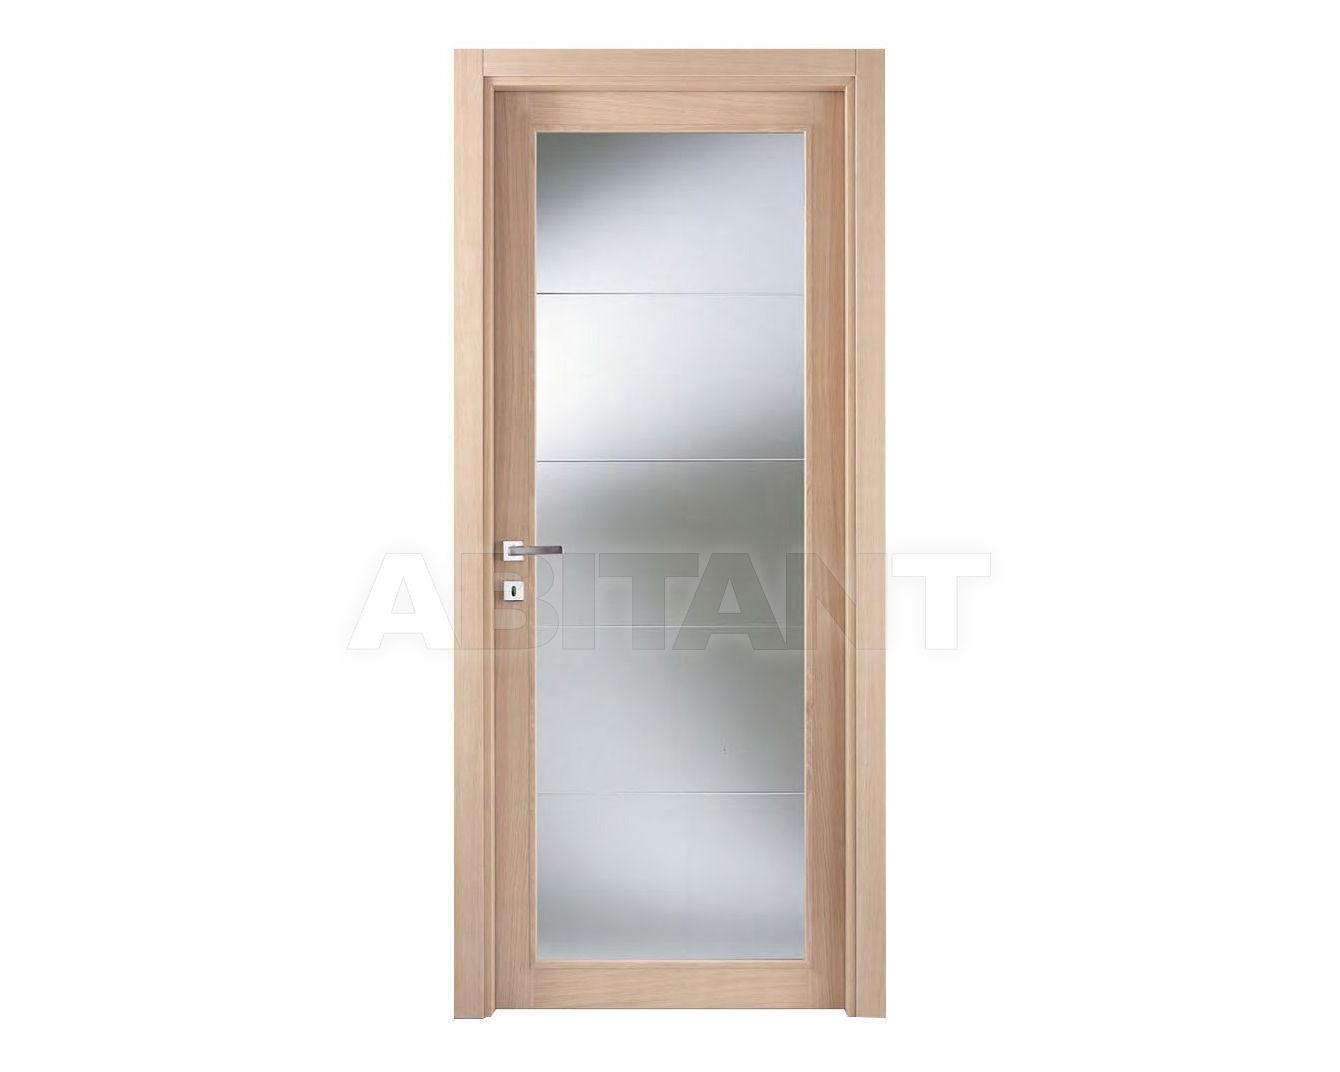 Купить Дверь деревянная Fioravazzi Modelli Unici FLY TAMBURATA MANt. 3 tRAVERSI